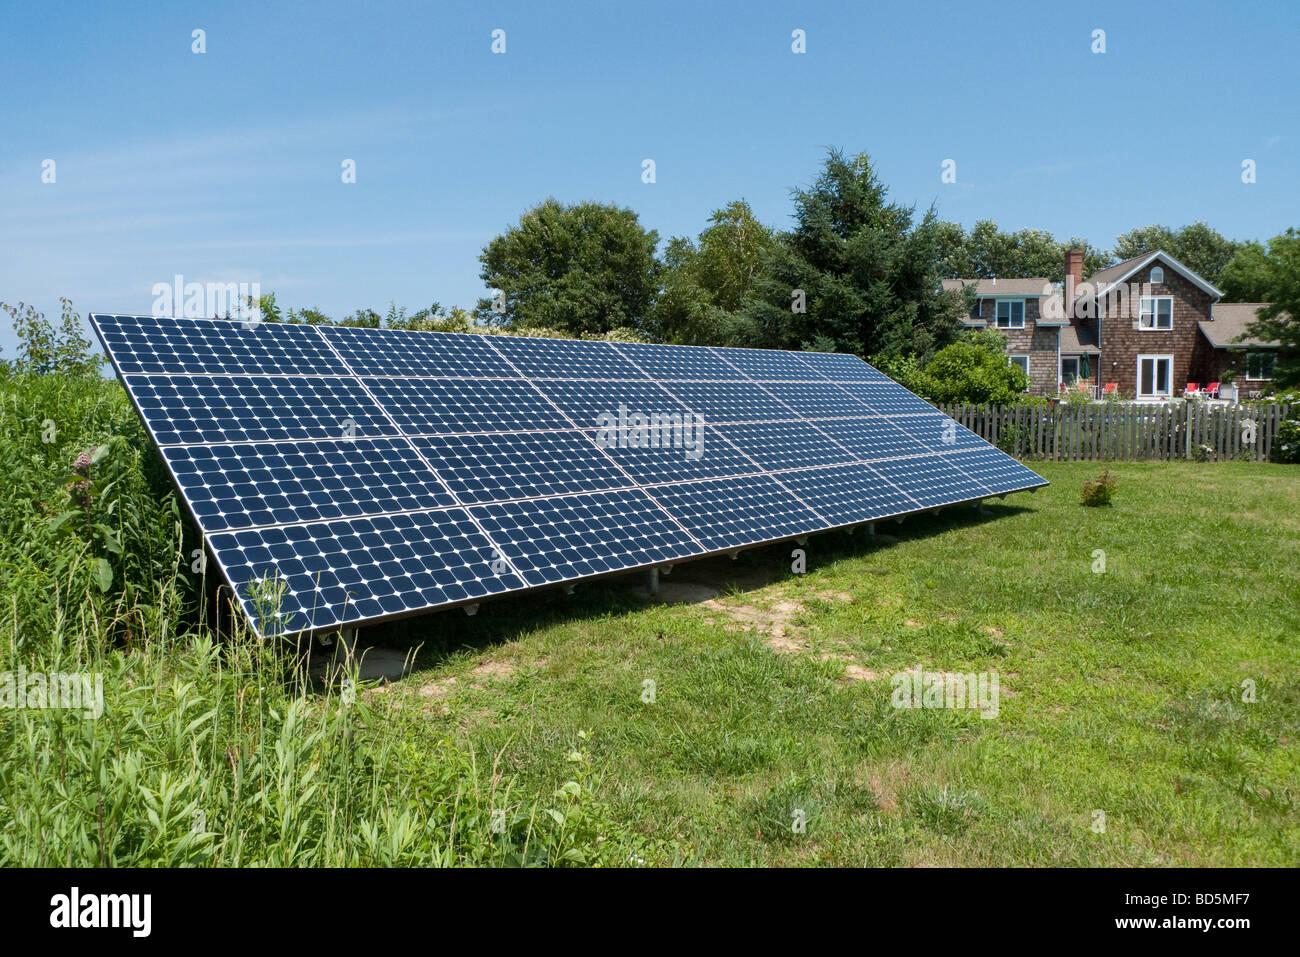 Panneau solaire SunPower avec grille de cellules photovoltaïques installés. Home qu'il contribue à Photo Stock